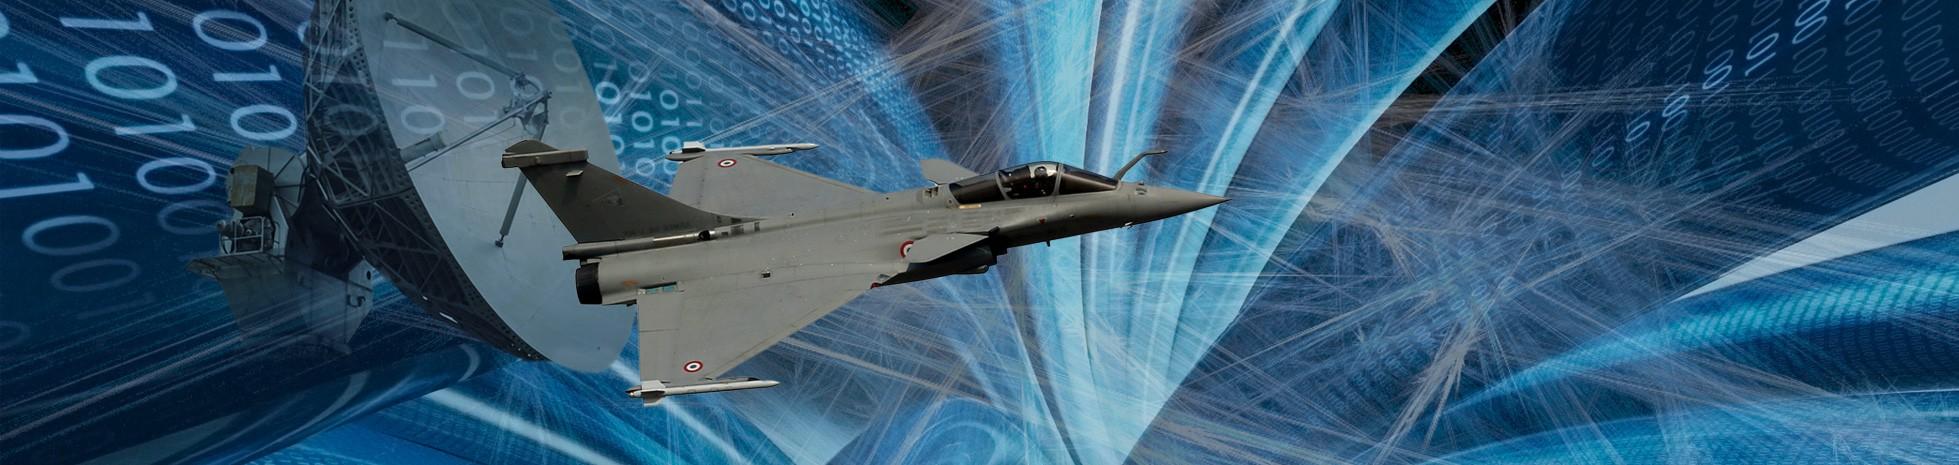 avion-3-header-e1427434312108